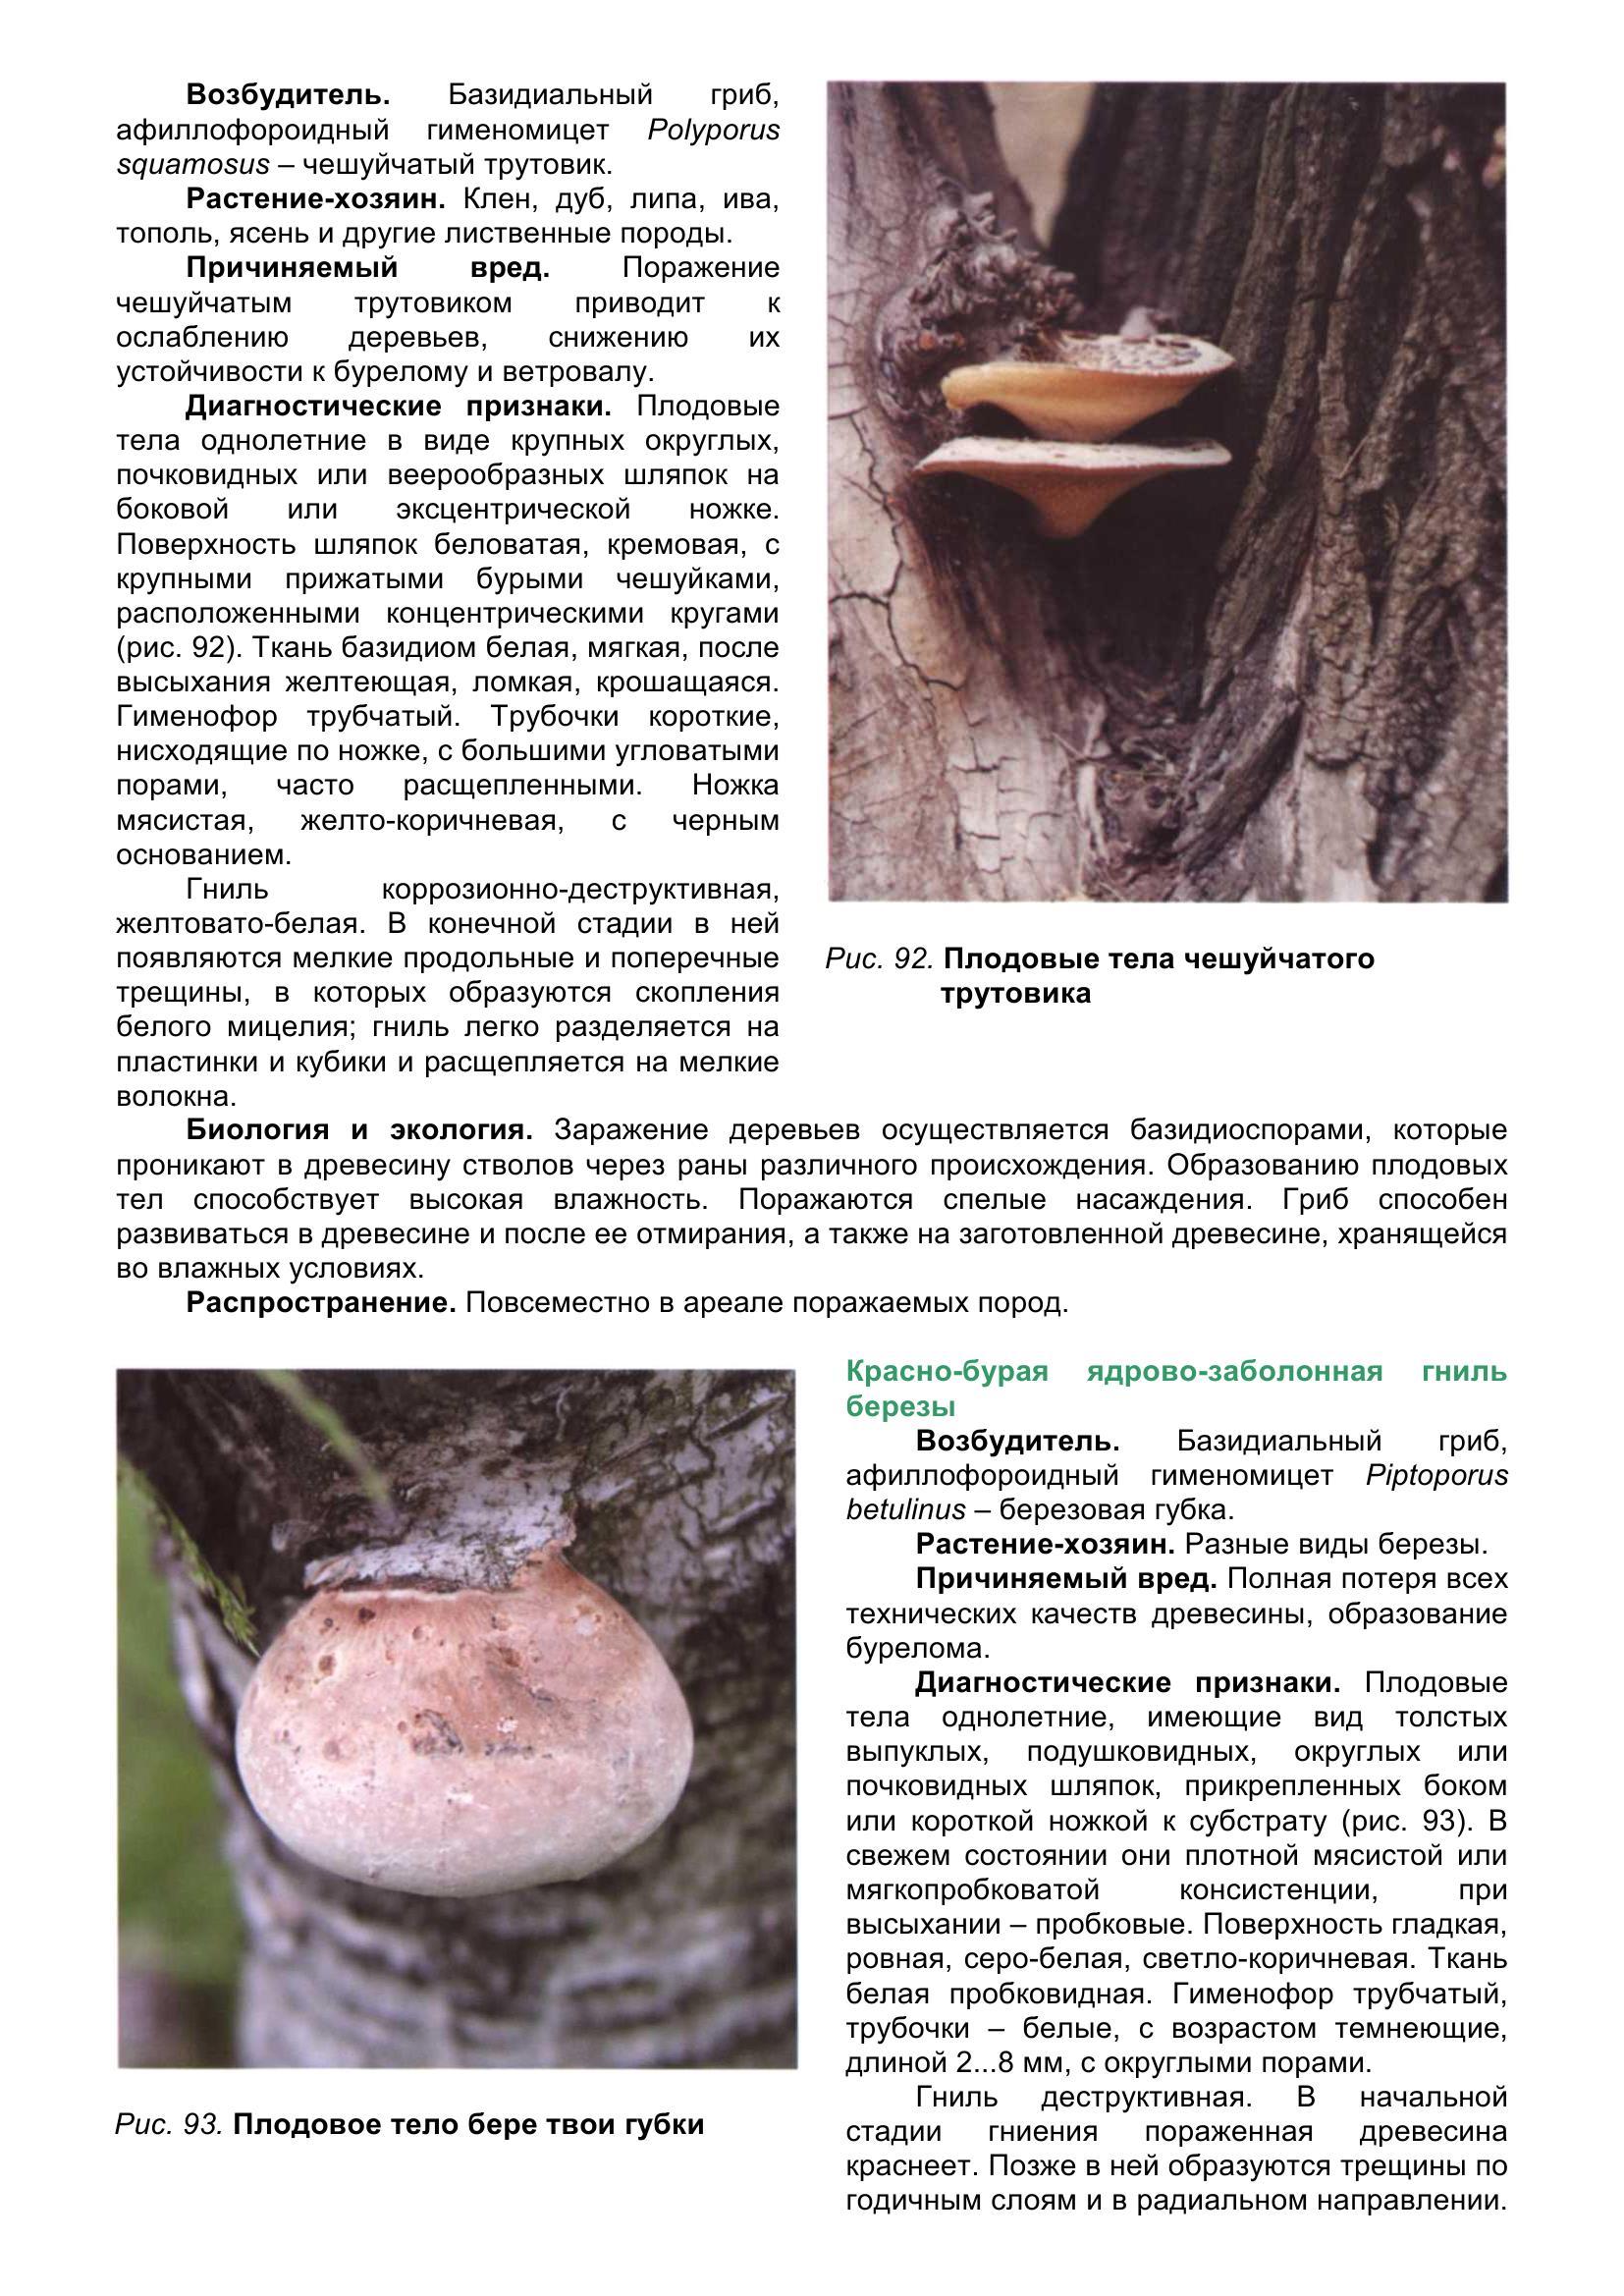 Болезни_древесных_растений_102.jpg